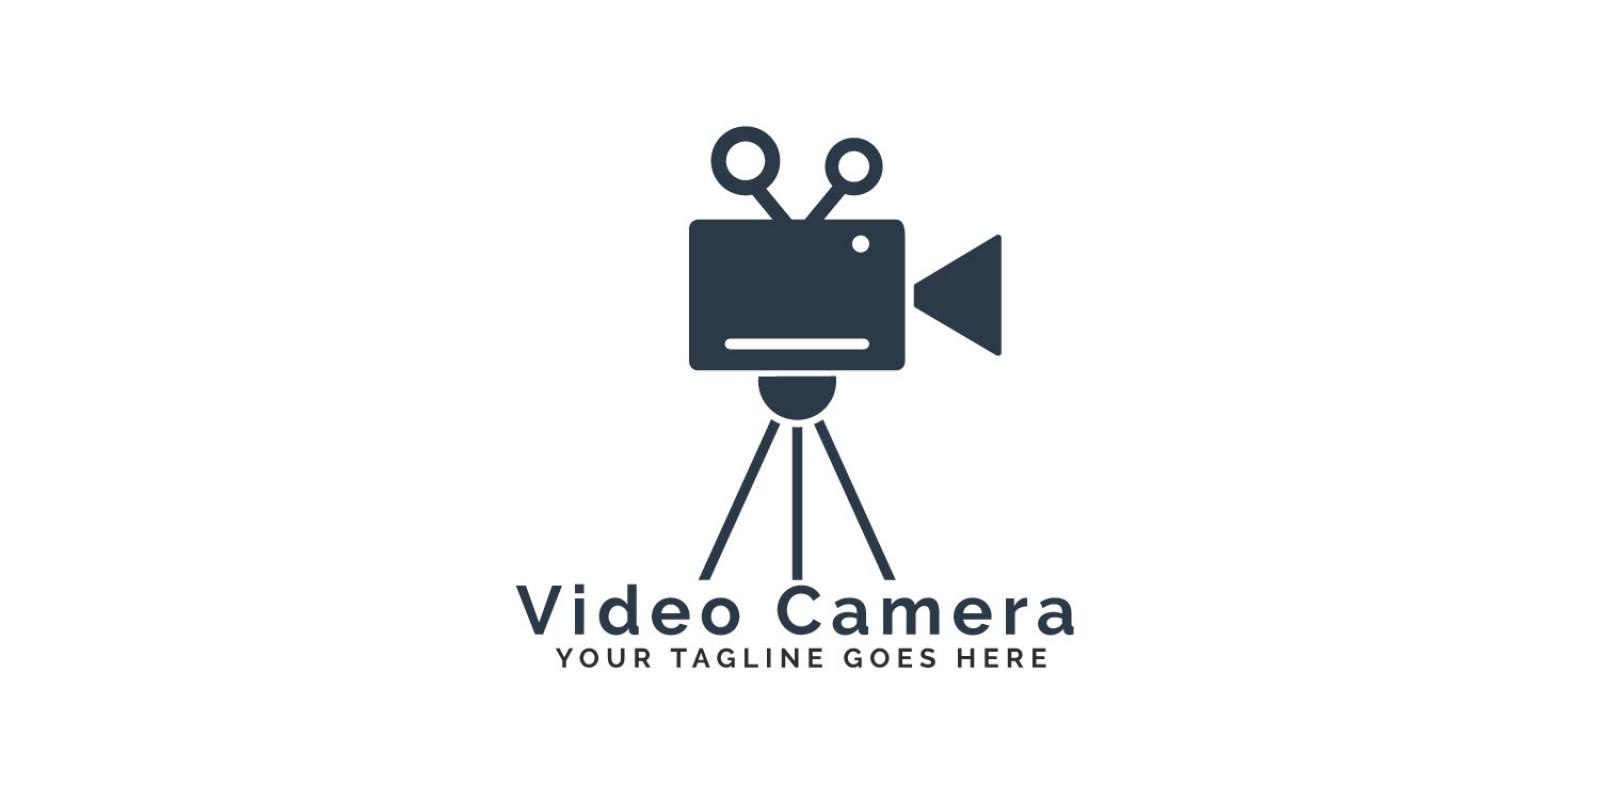 Video Camera Logo Design.